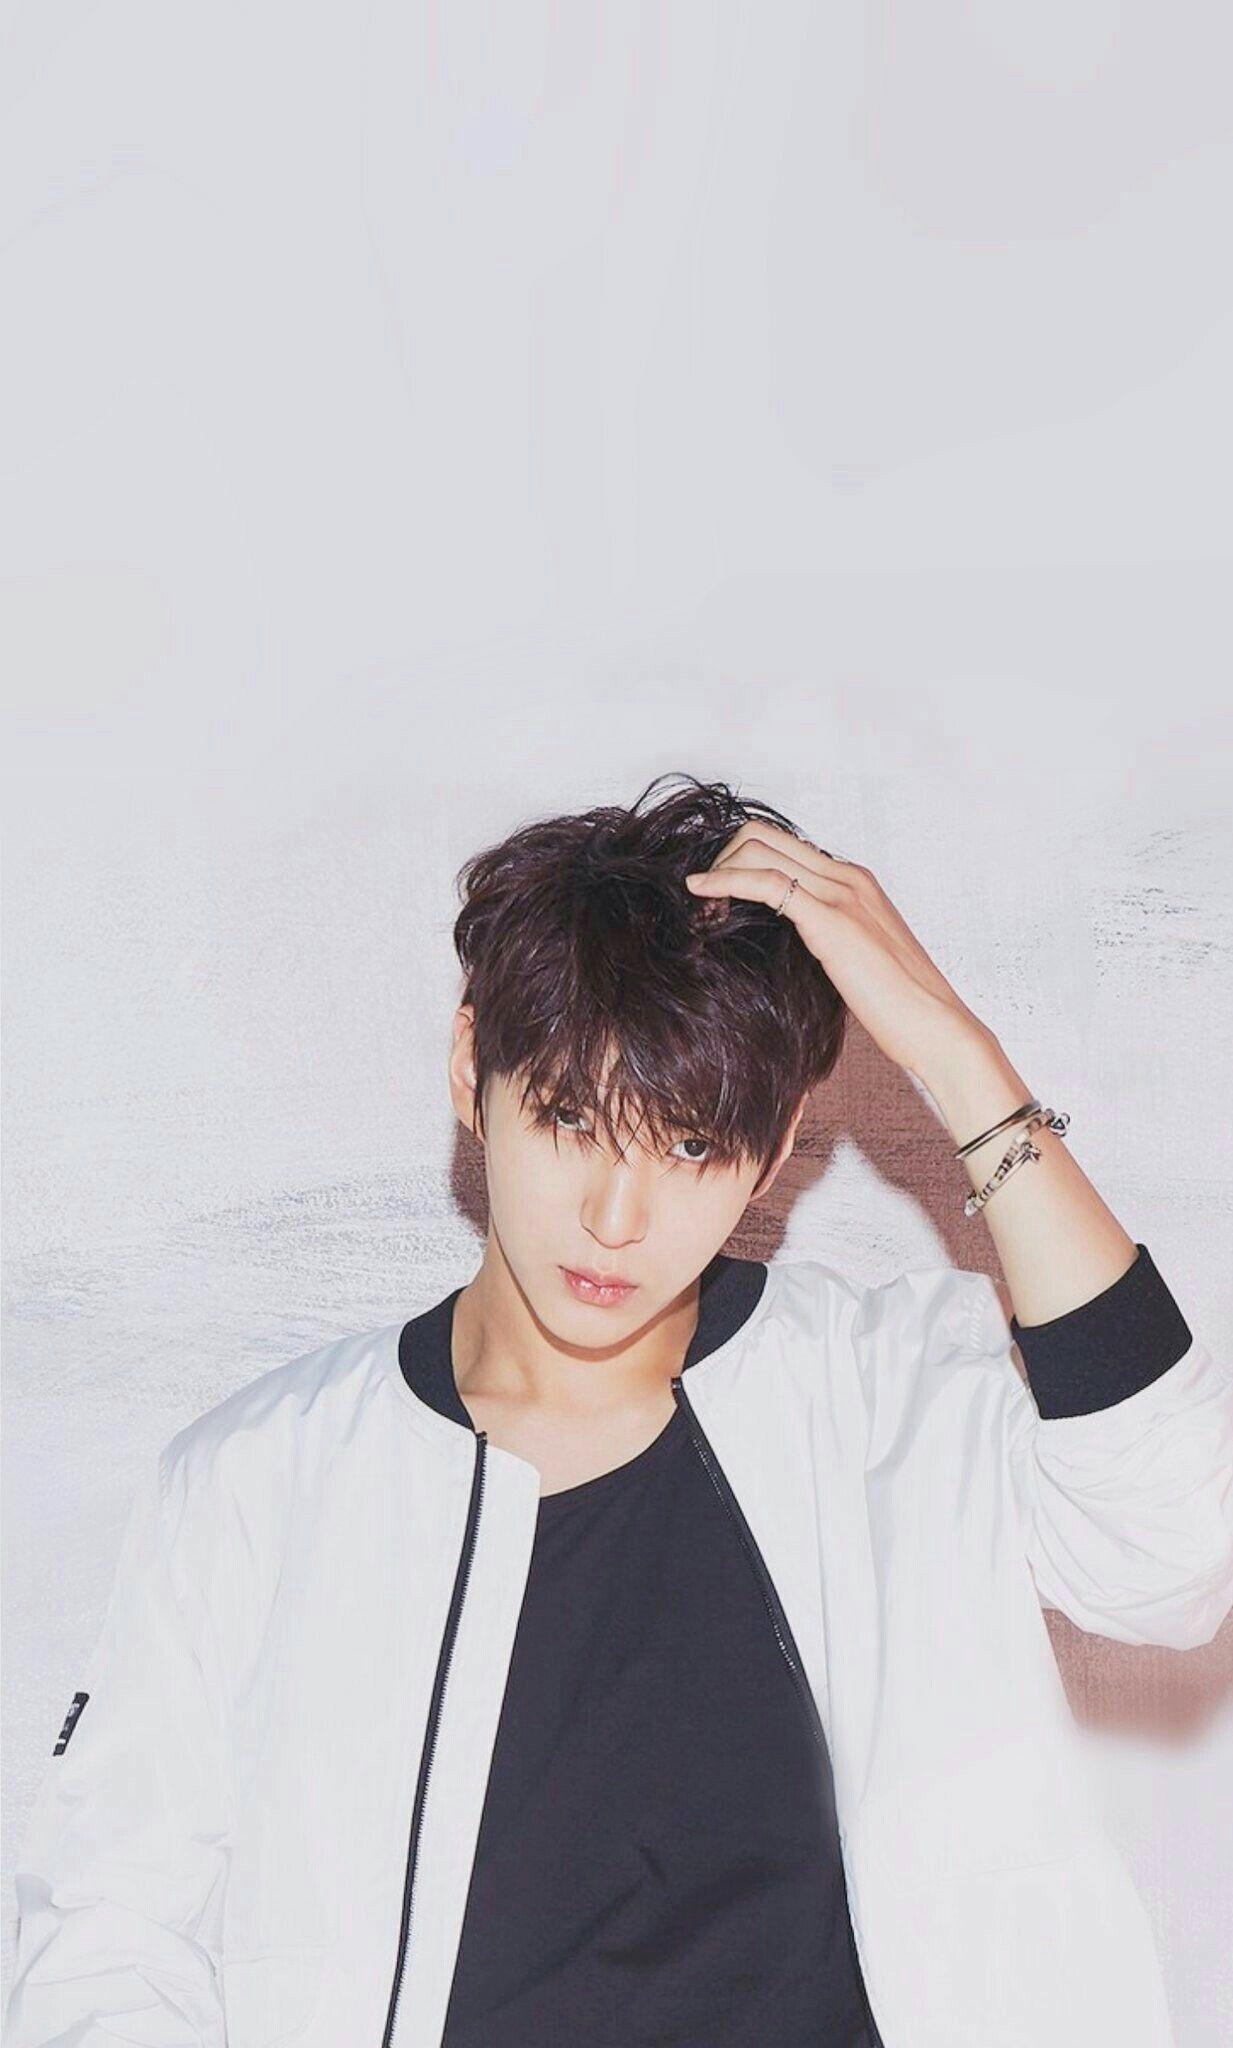 Leo Vixx Jung Taekwoon Kpop Groups Wallpaper Got7